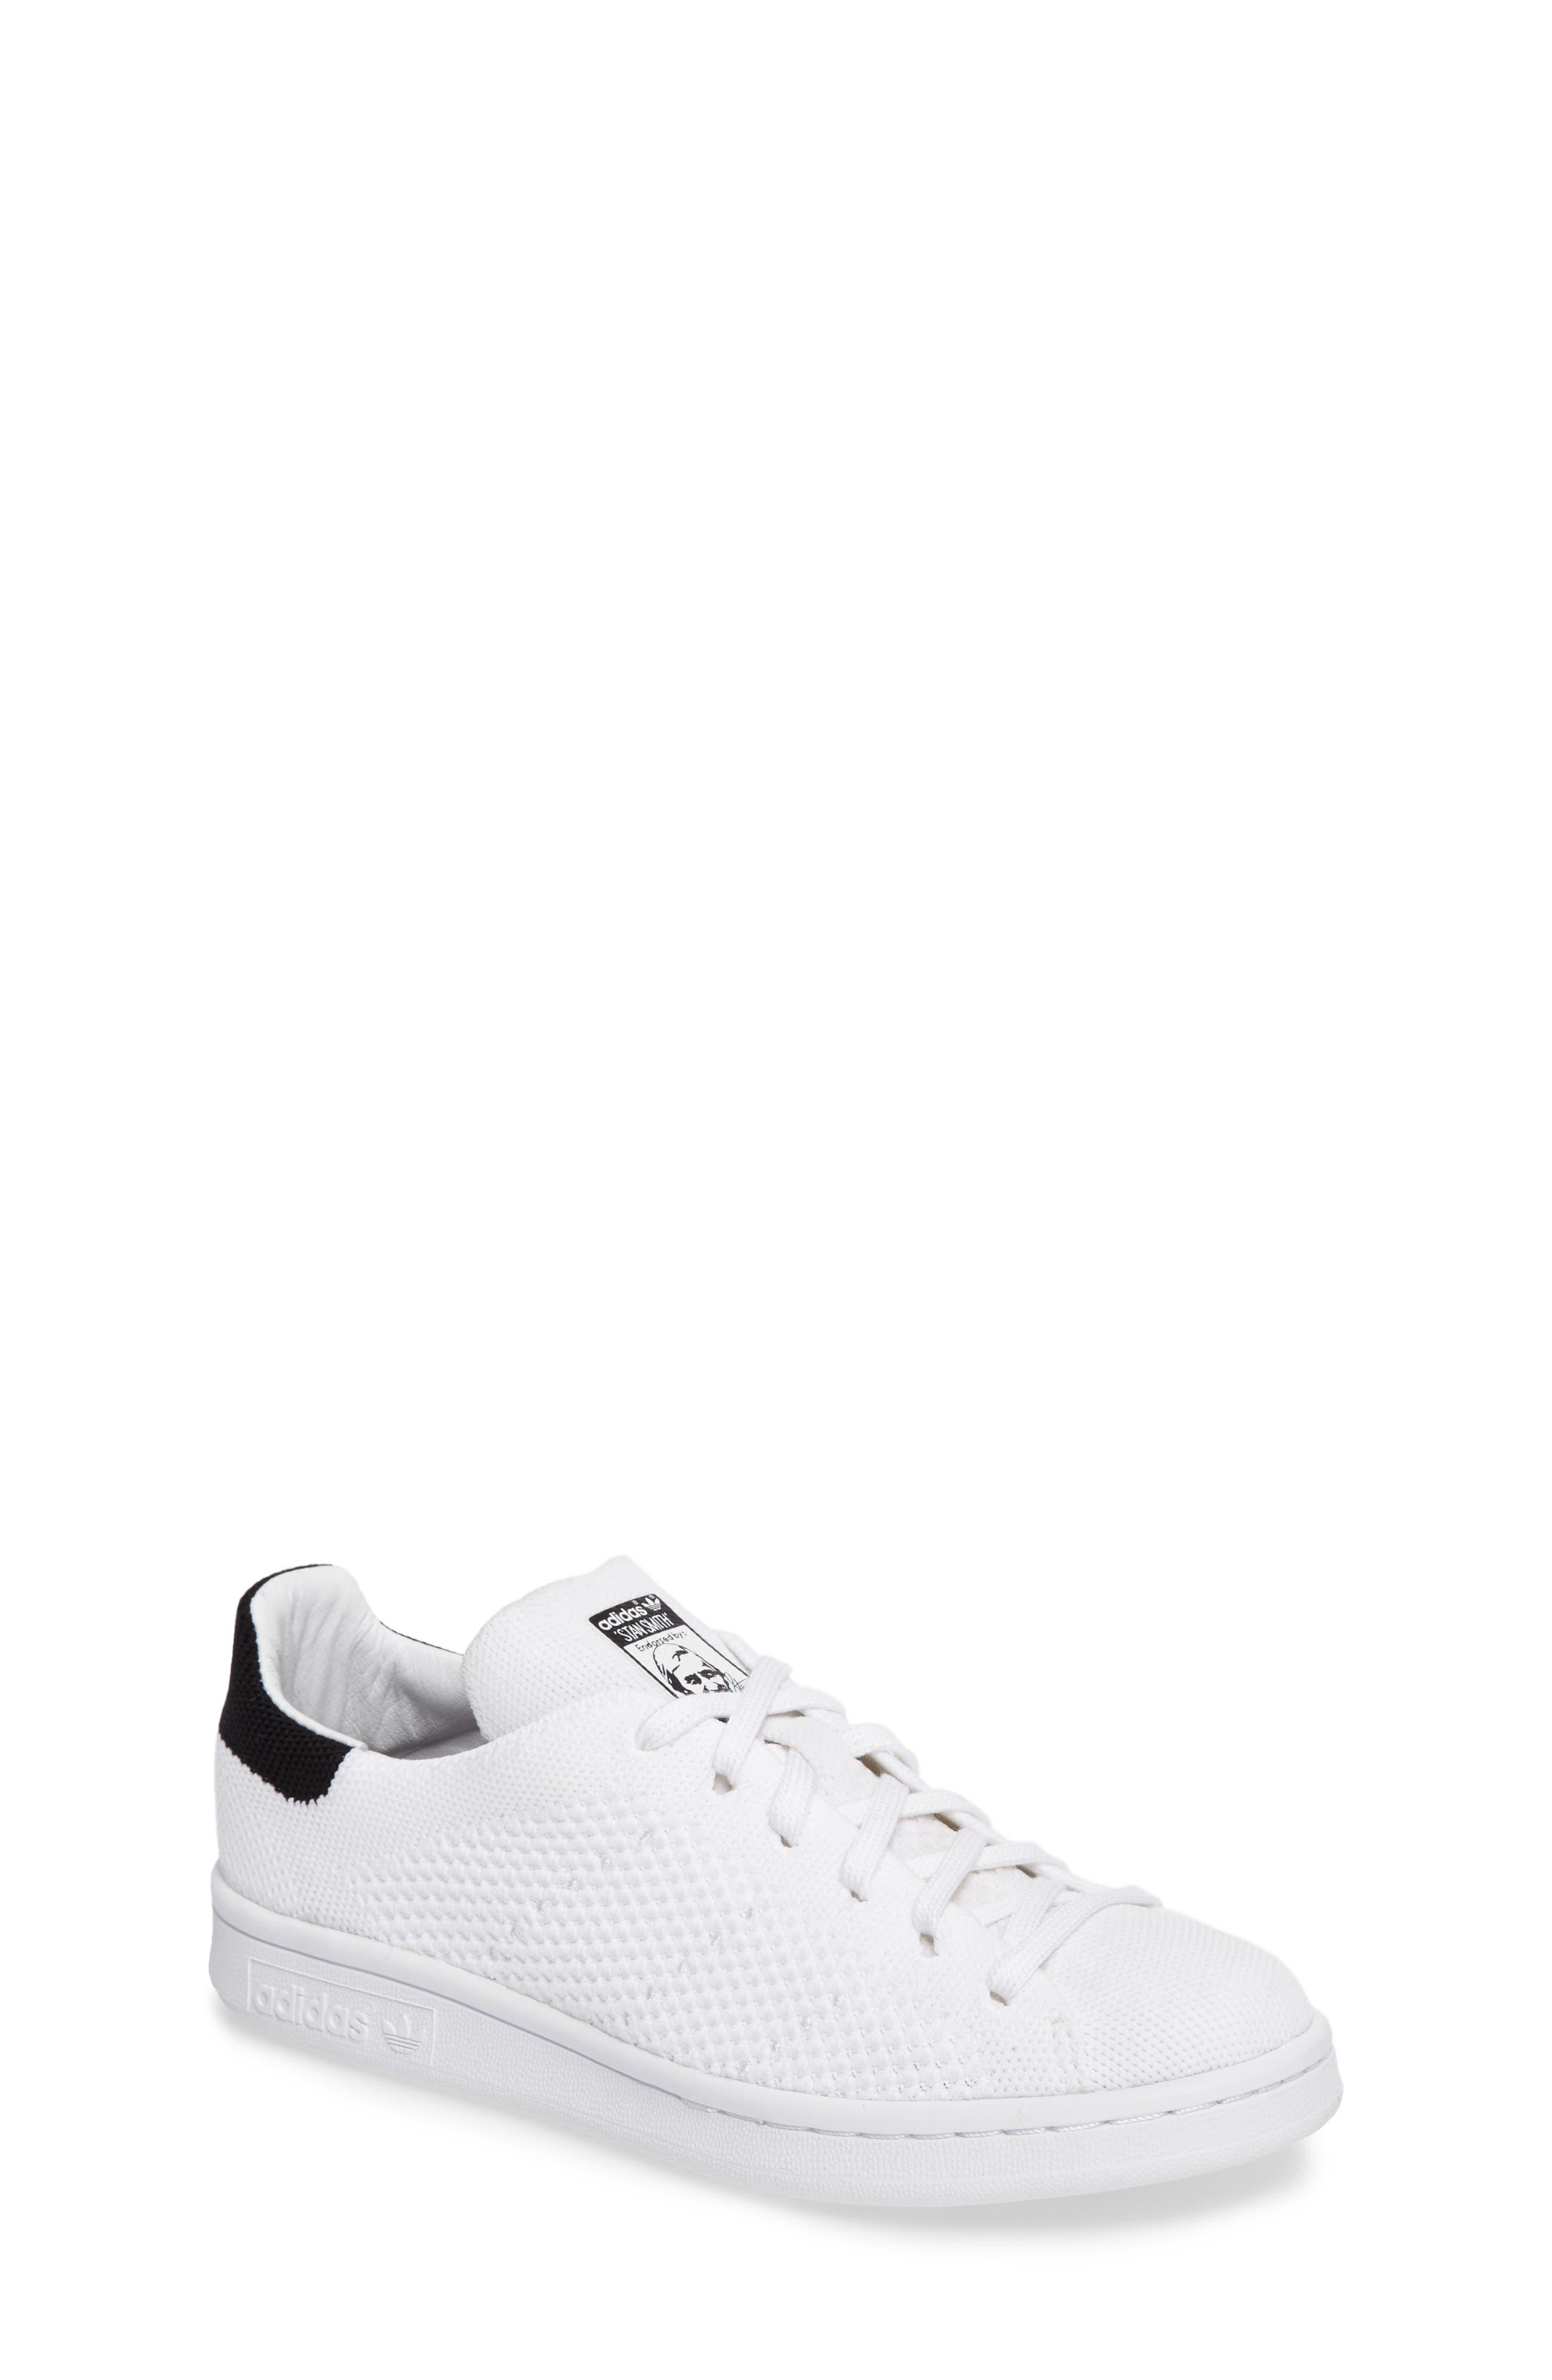 Stan Smith Primeknit Sneaker,                             Main thumbnail 1, color,                             100